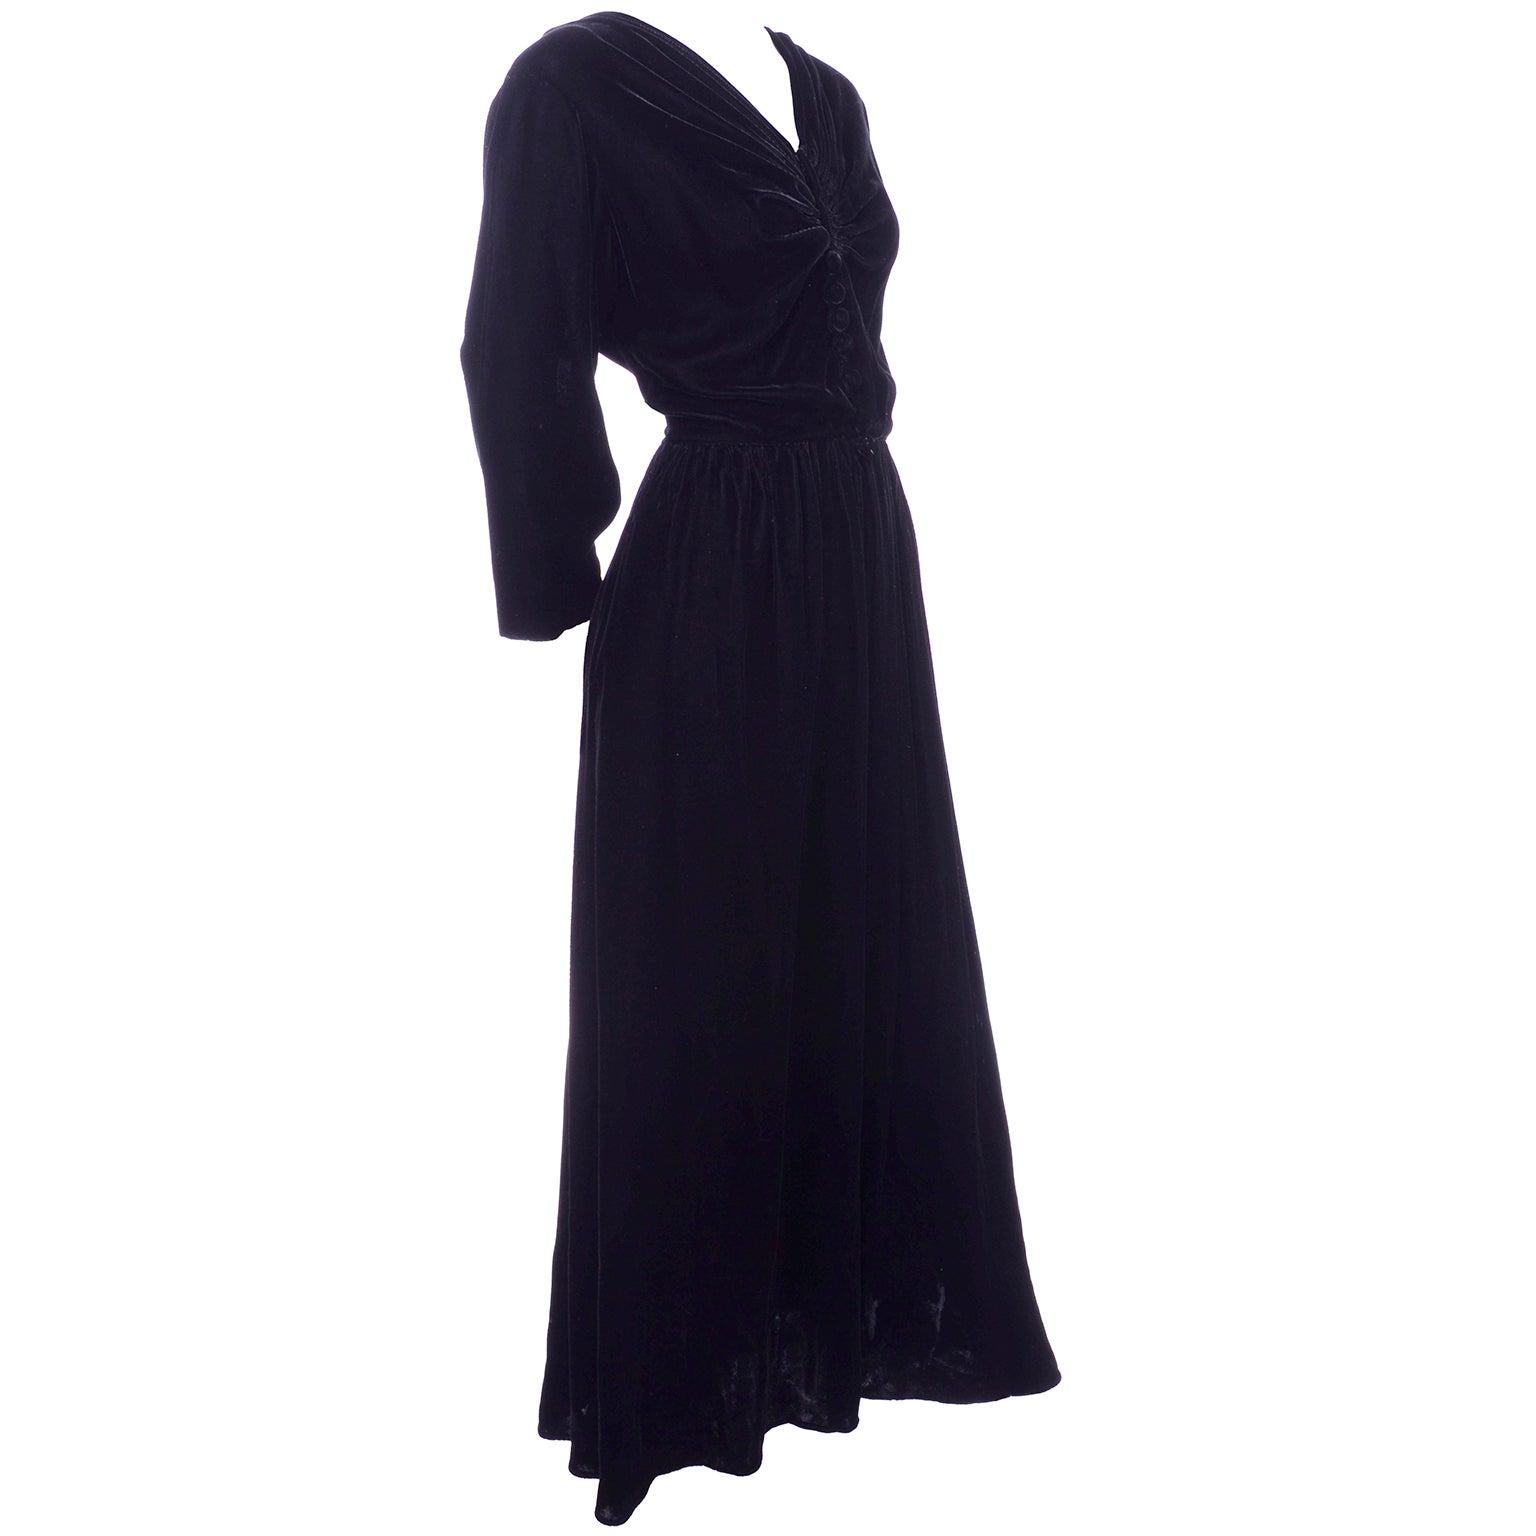 Vintage 1940s Black Velvet Evening Dress or Hostess Gown